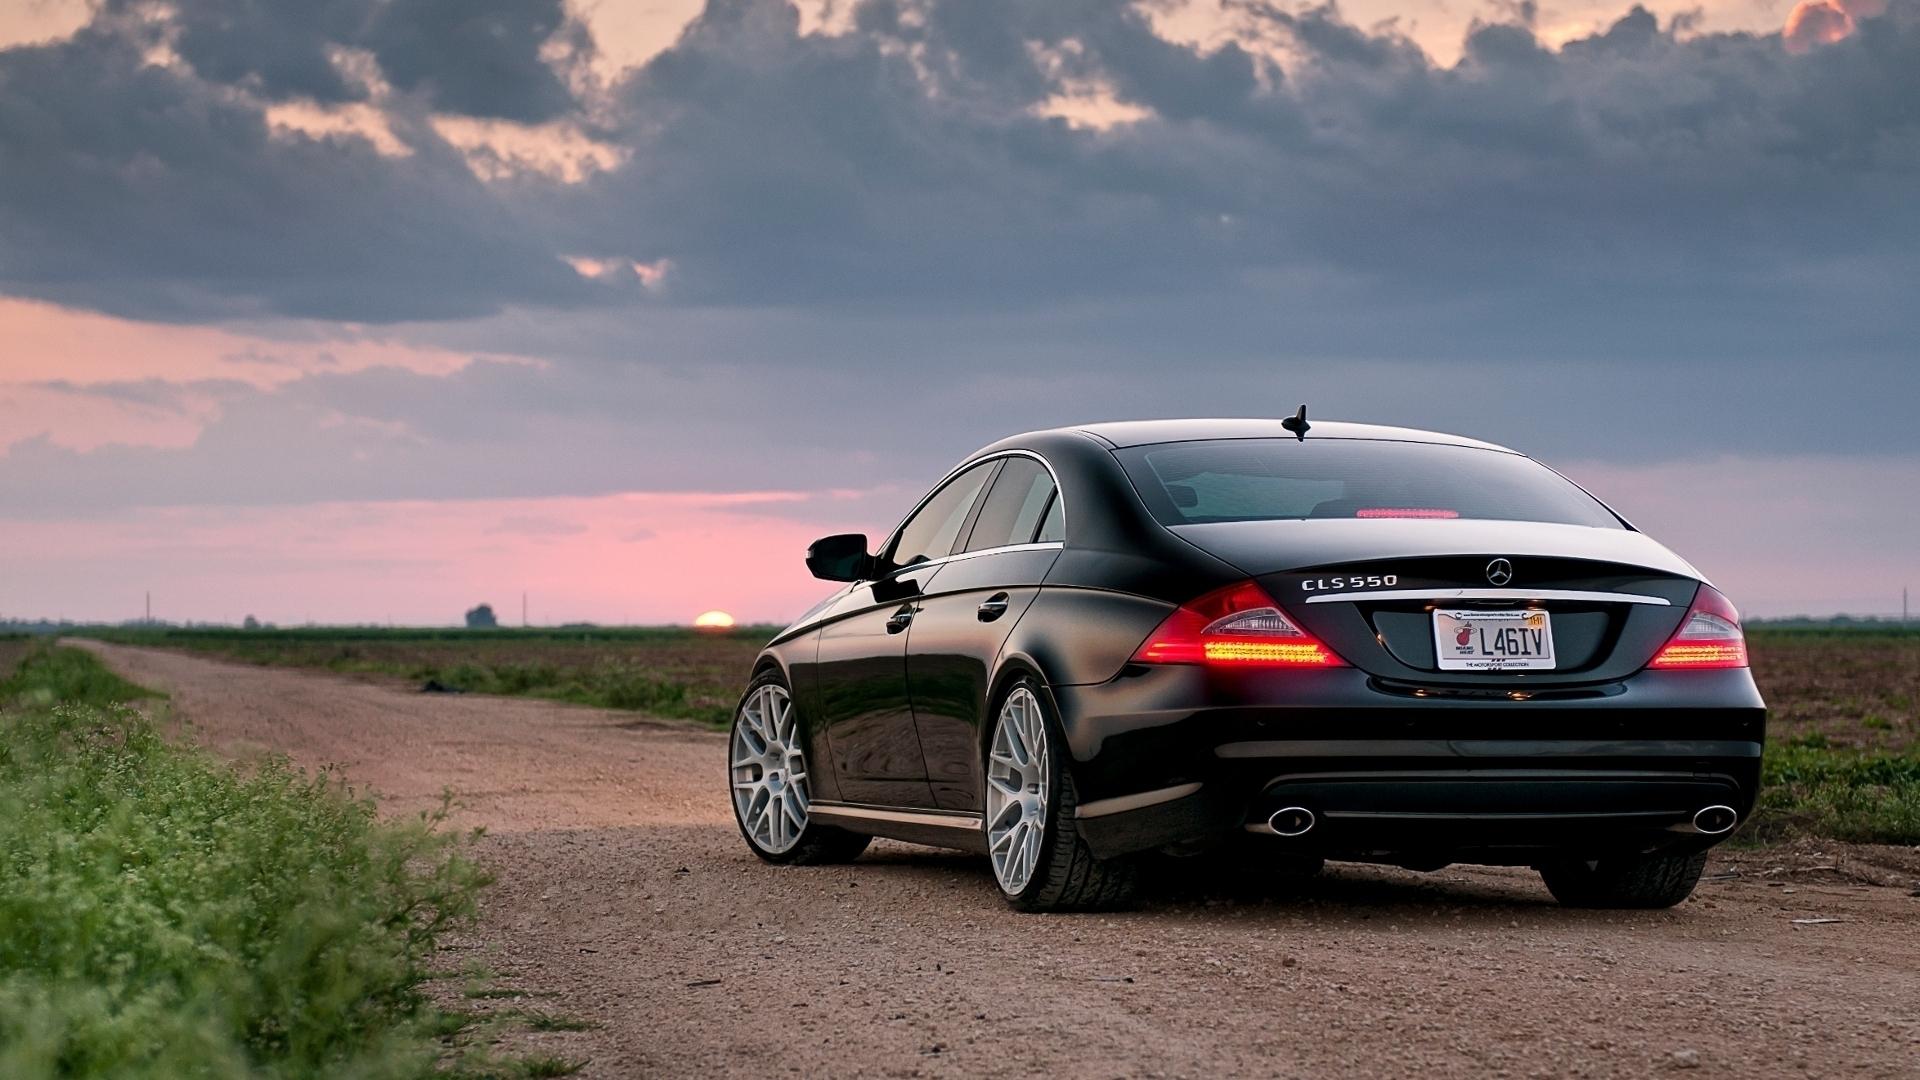 39303 скачать обои Транспорт, Машины, Мерседес (Mercedes) - заставки и картинки бесплатно